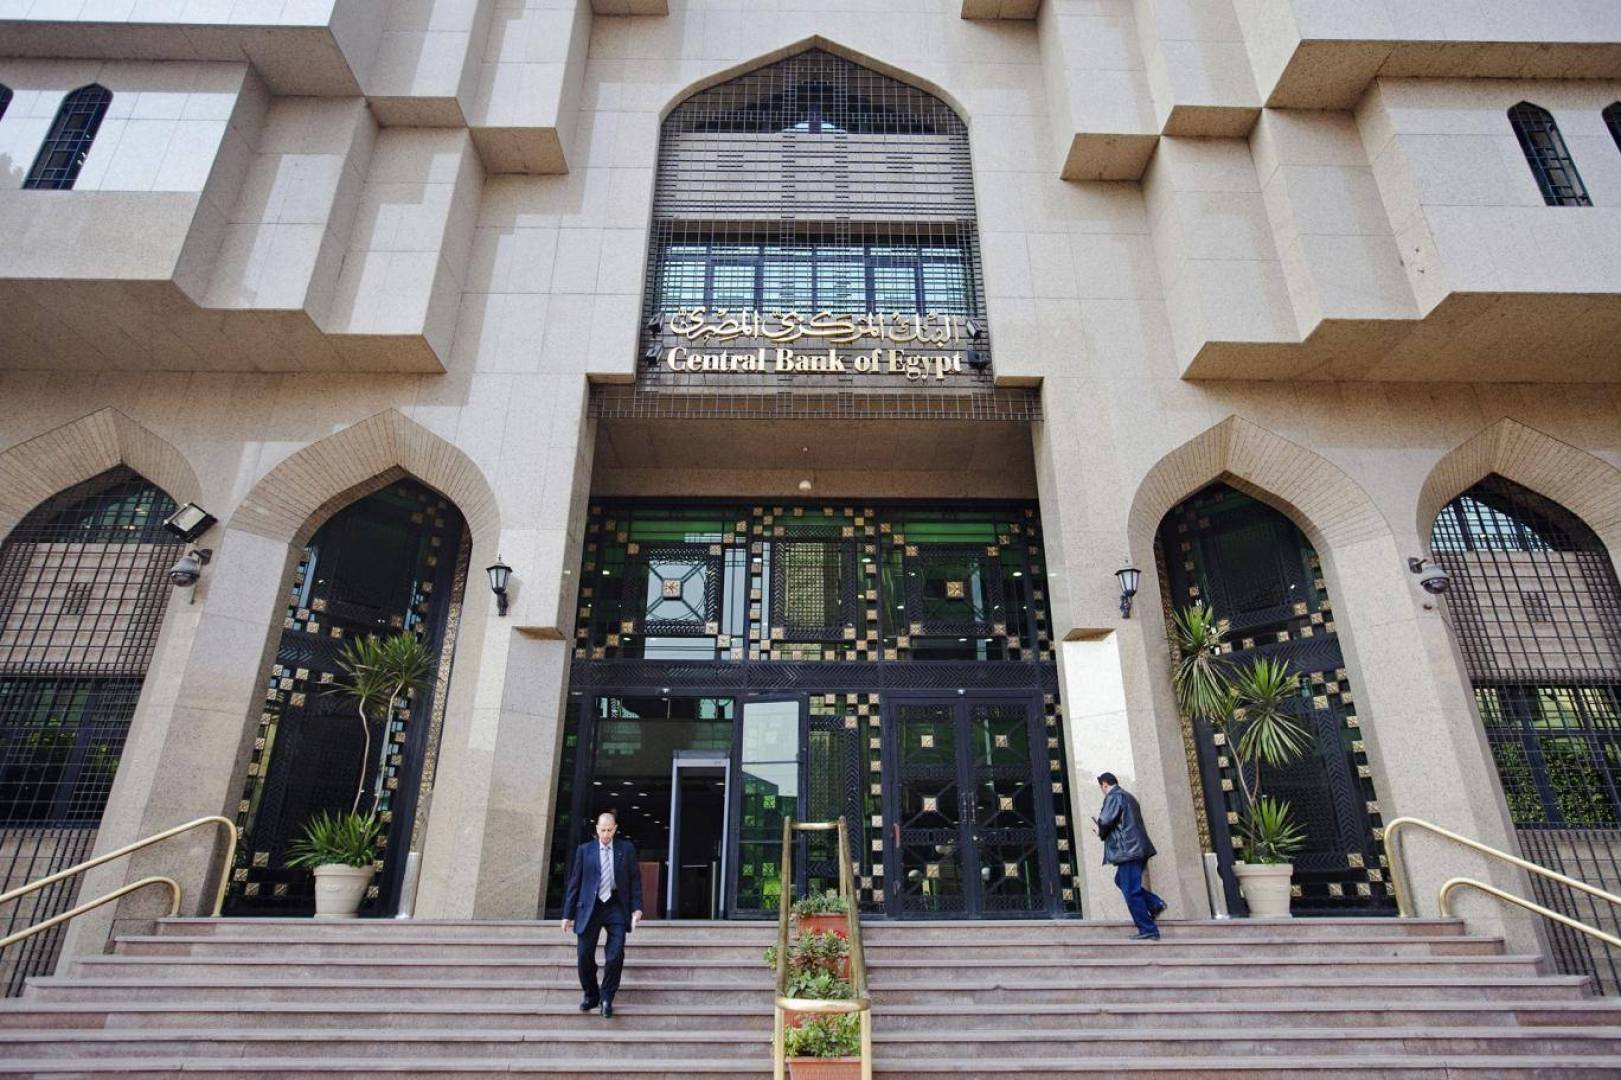 تحويلات المصريين بالخارج ترتفع إلى 4.4 مليار دولار